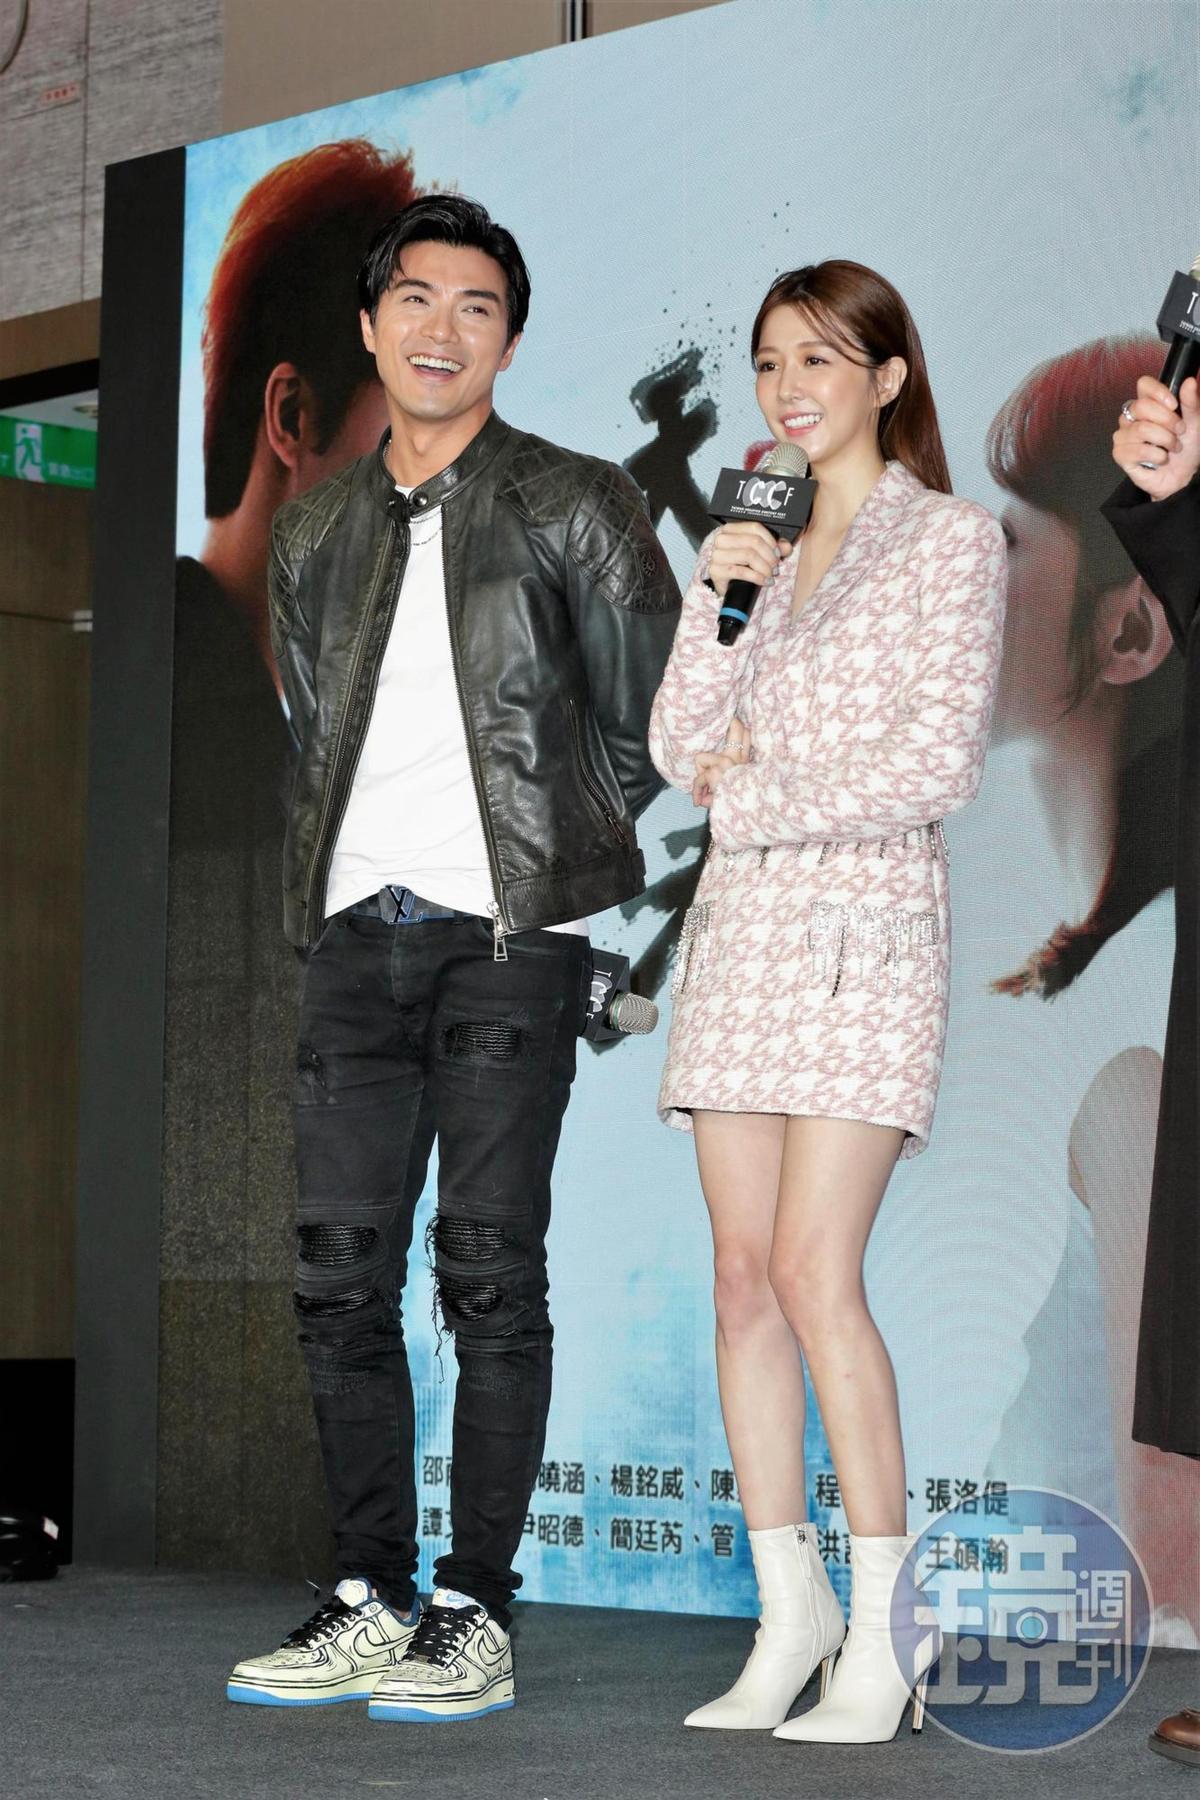 賀軍翔、邵雨薇一同出席台北電視節,為新戲《天巡者》宣傳。